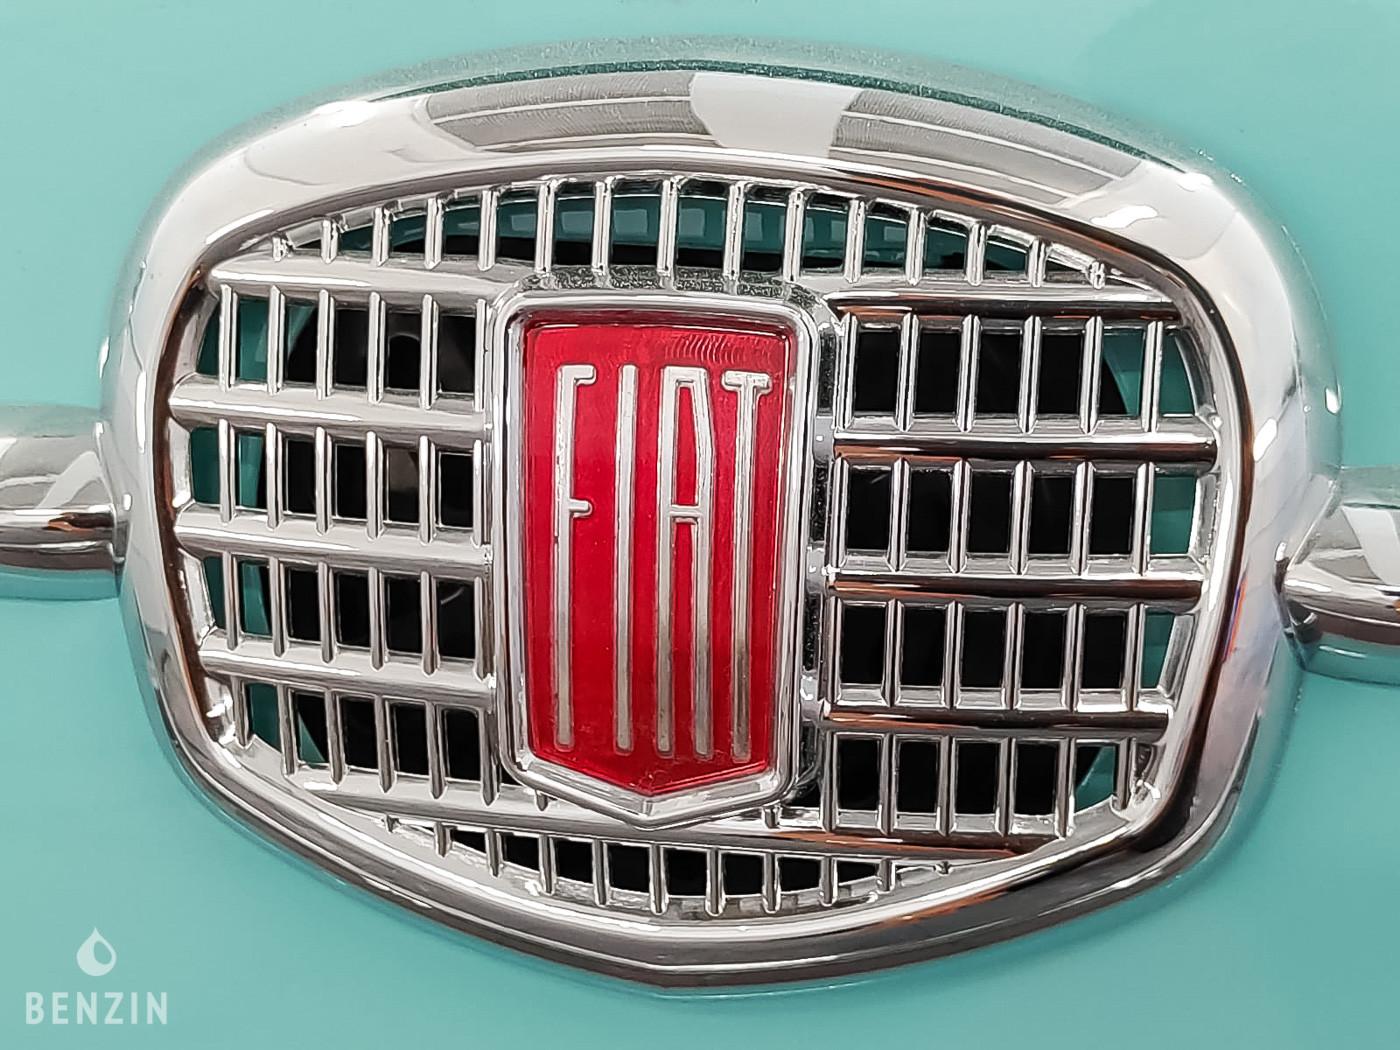 Fiat Jolly Spiaginna a vendre/ Fiat Jolly Spiaginna to sell/ Fiat Jolly Spiaginna verkaufen/ Fiat Jolly Spiaginna en venta